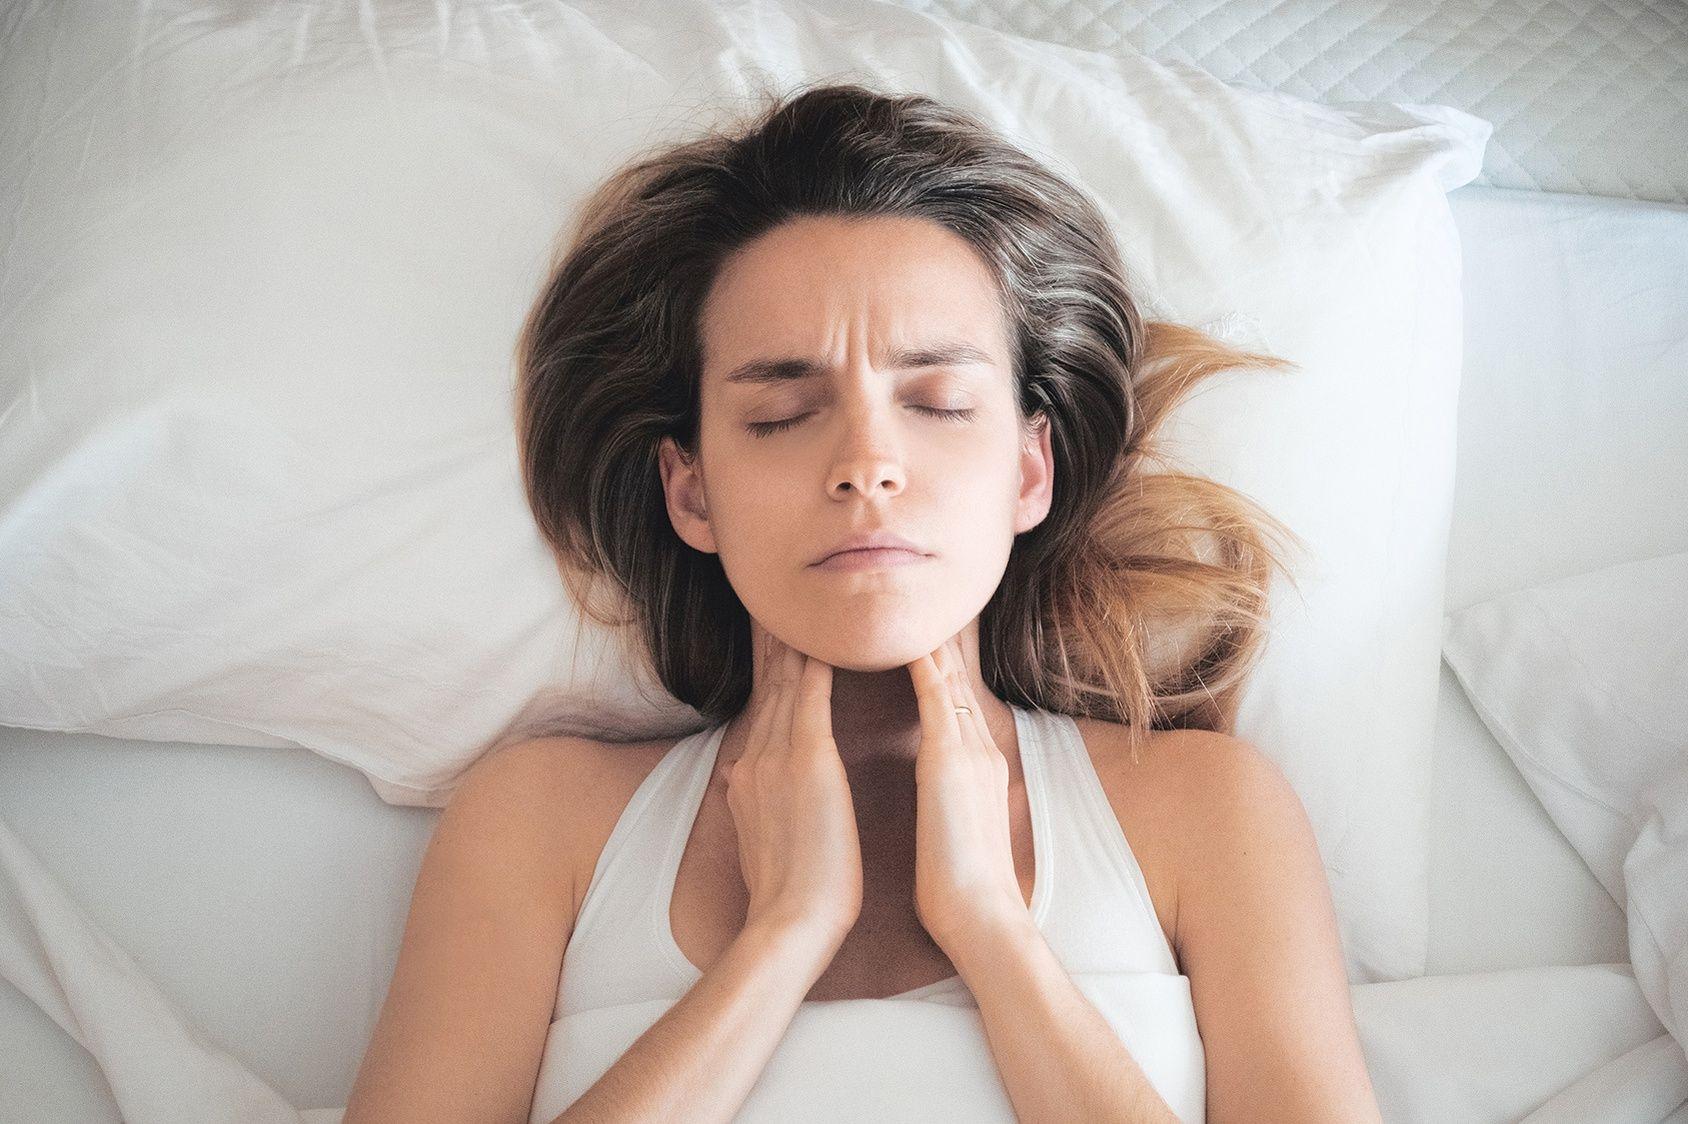 cancer de la gorge femme hpv virus del papiloma humano contagio